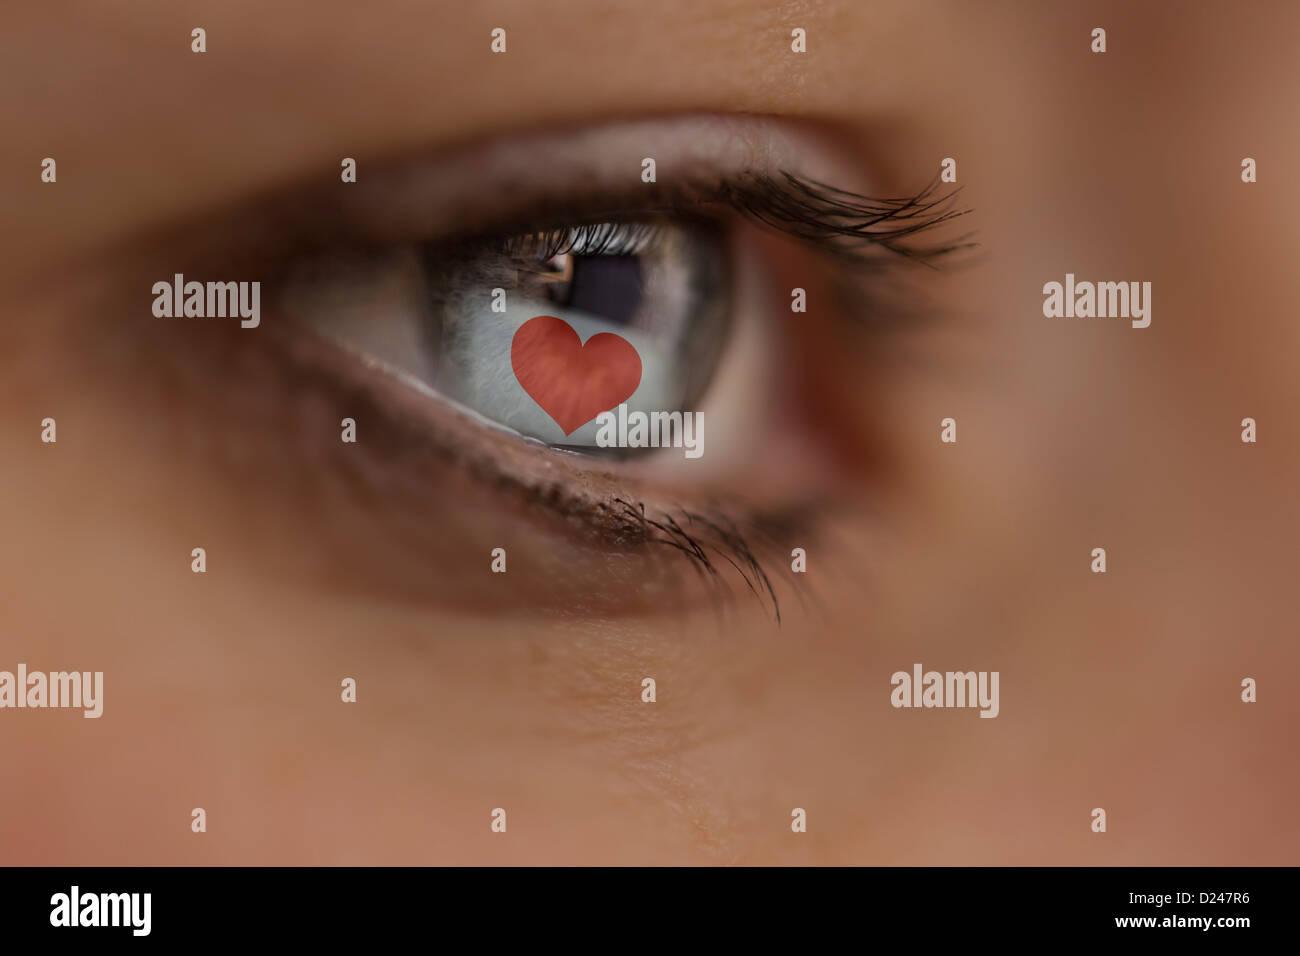 Frau auf der Suche im Internet-Site mit Herz. Online-Partneragentur Symbol, Cyber-Liebe Stockbild